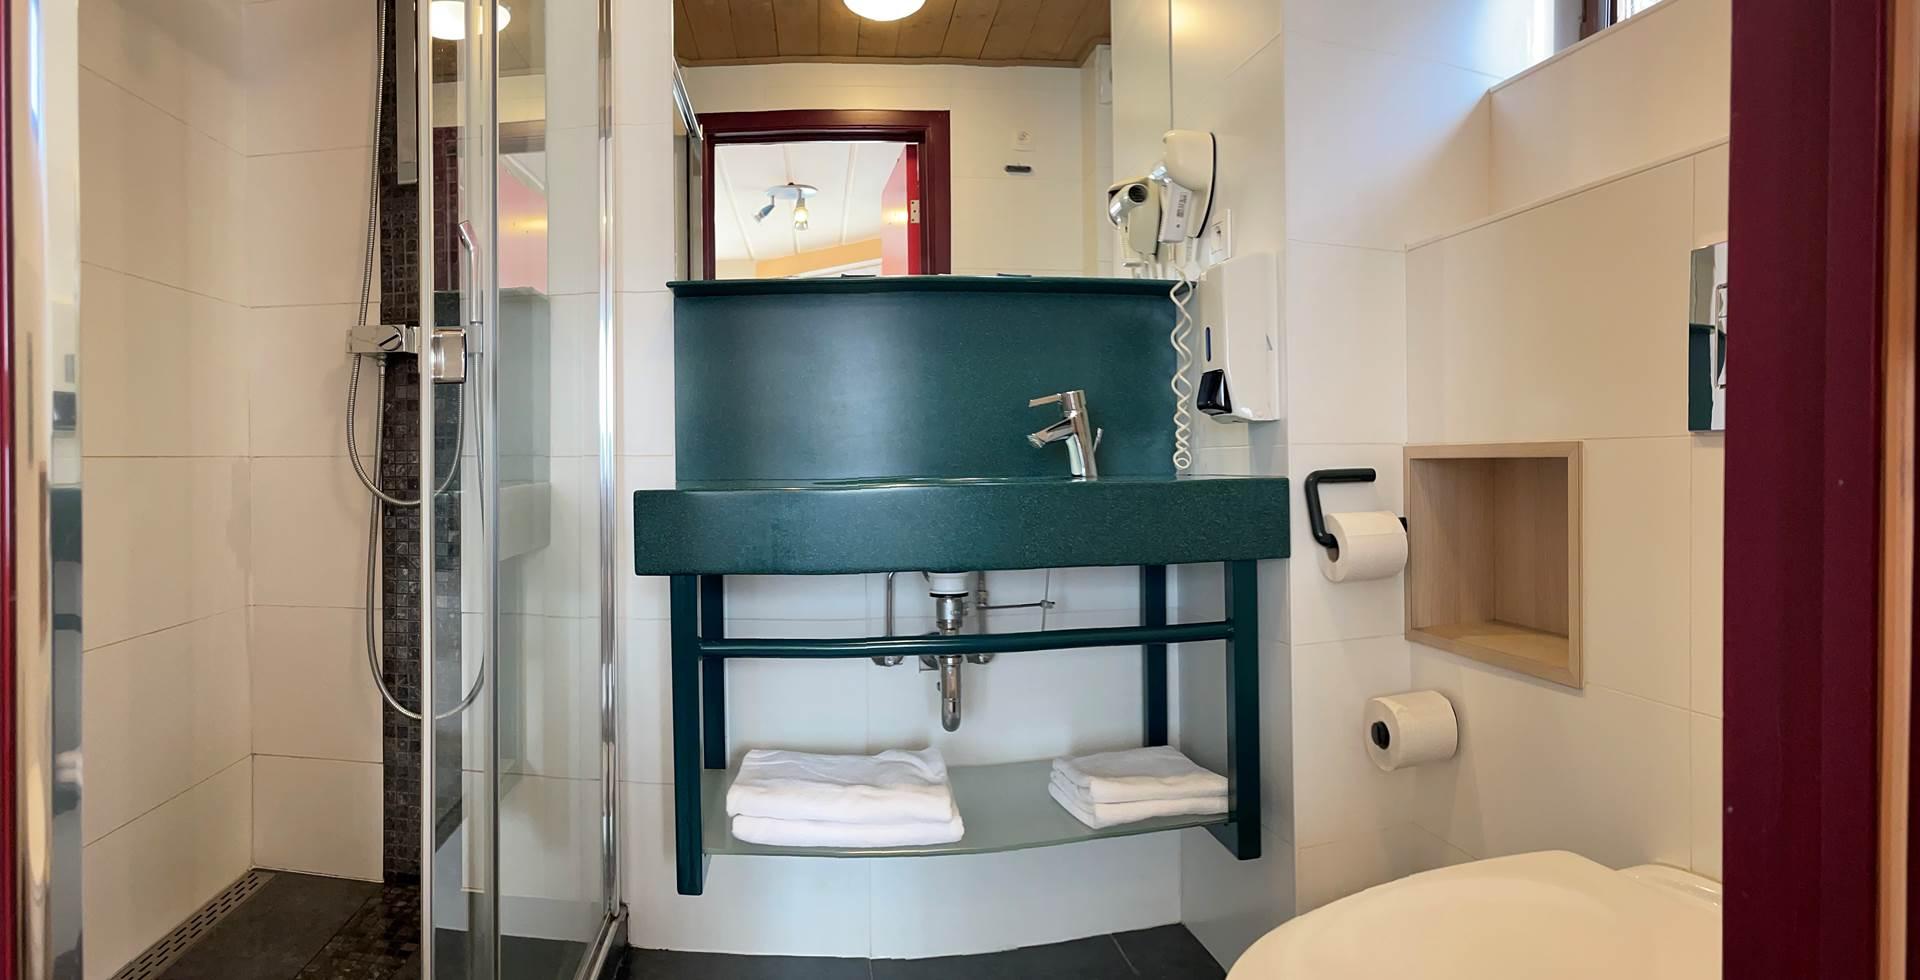 Salle de bain privative des Chambres 11 - 21 comprenant une belle douche Italienne, un lavabo, un sèche cheveux et toilettes